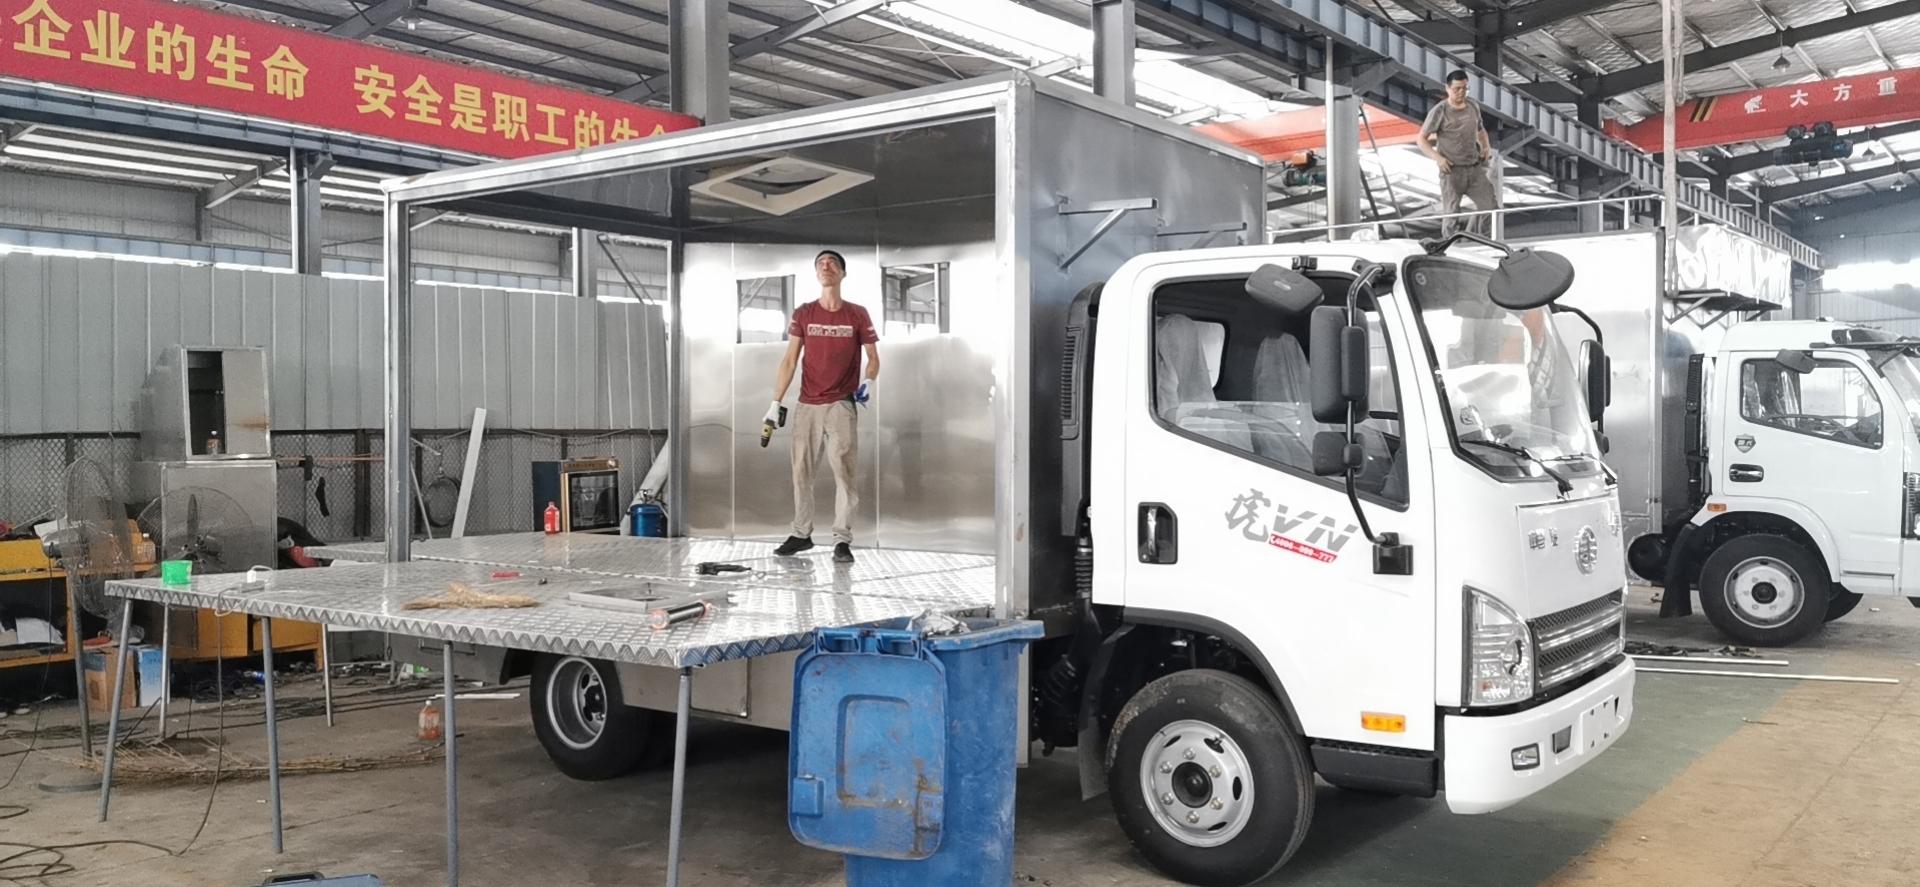 廣東肇慶市農村包席流動飯店車廠家可伸縮流動宴席車多少錢